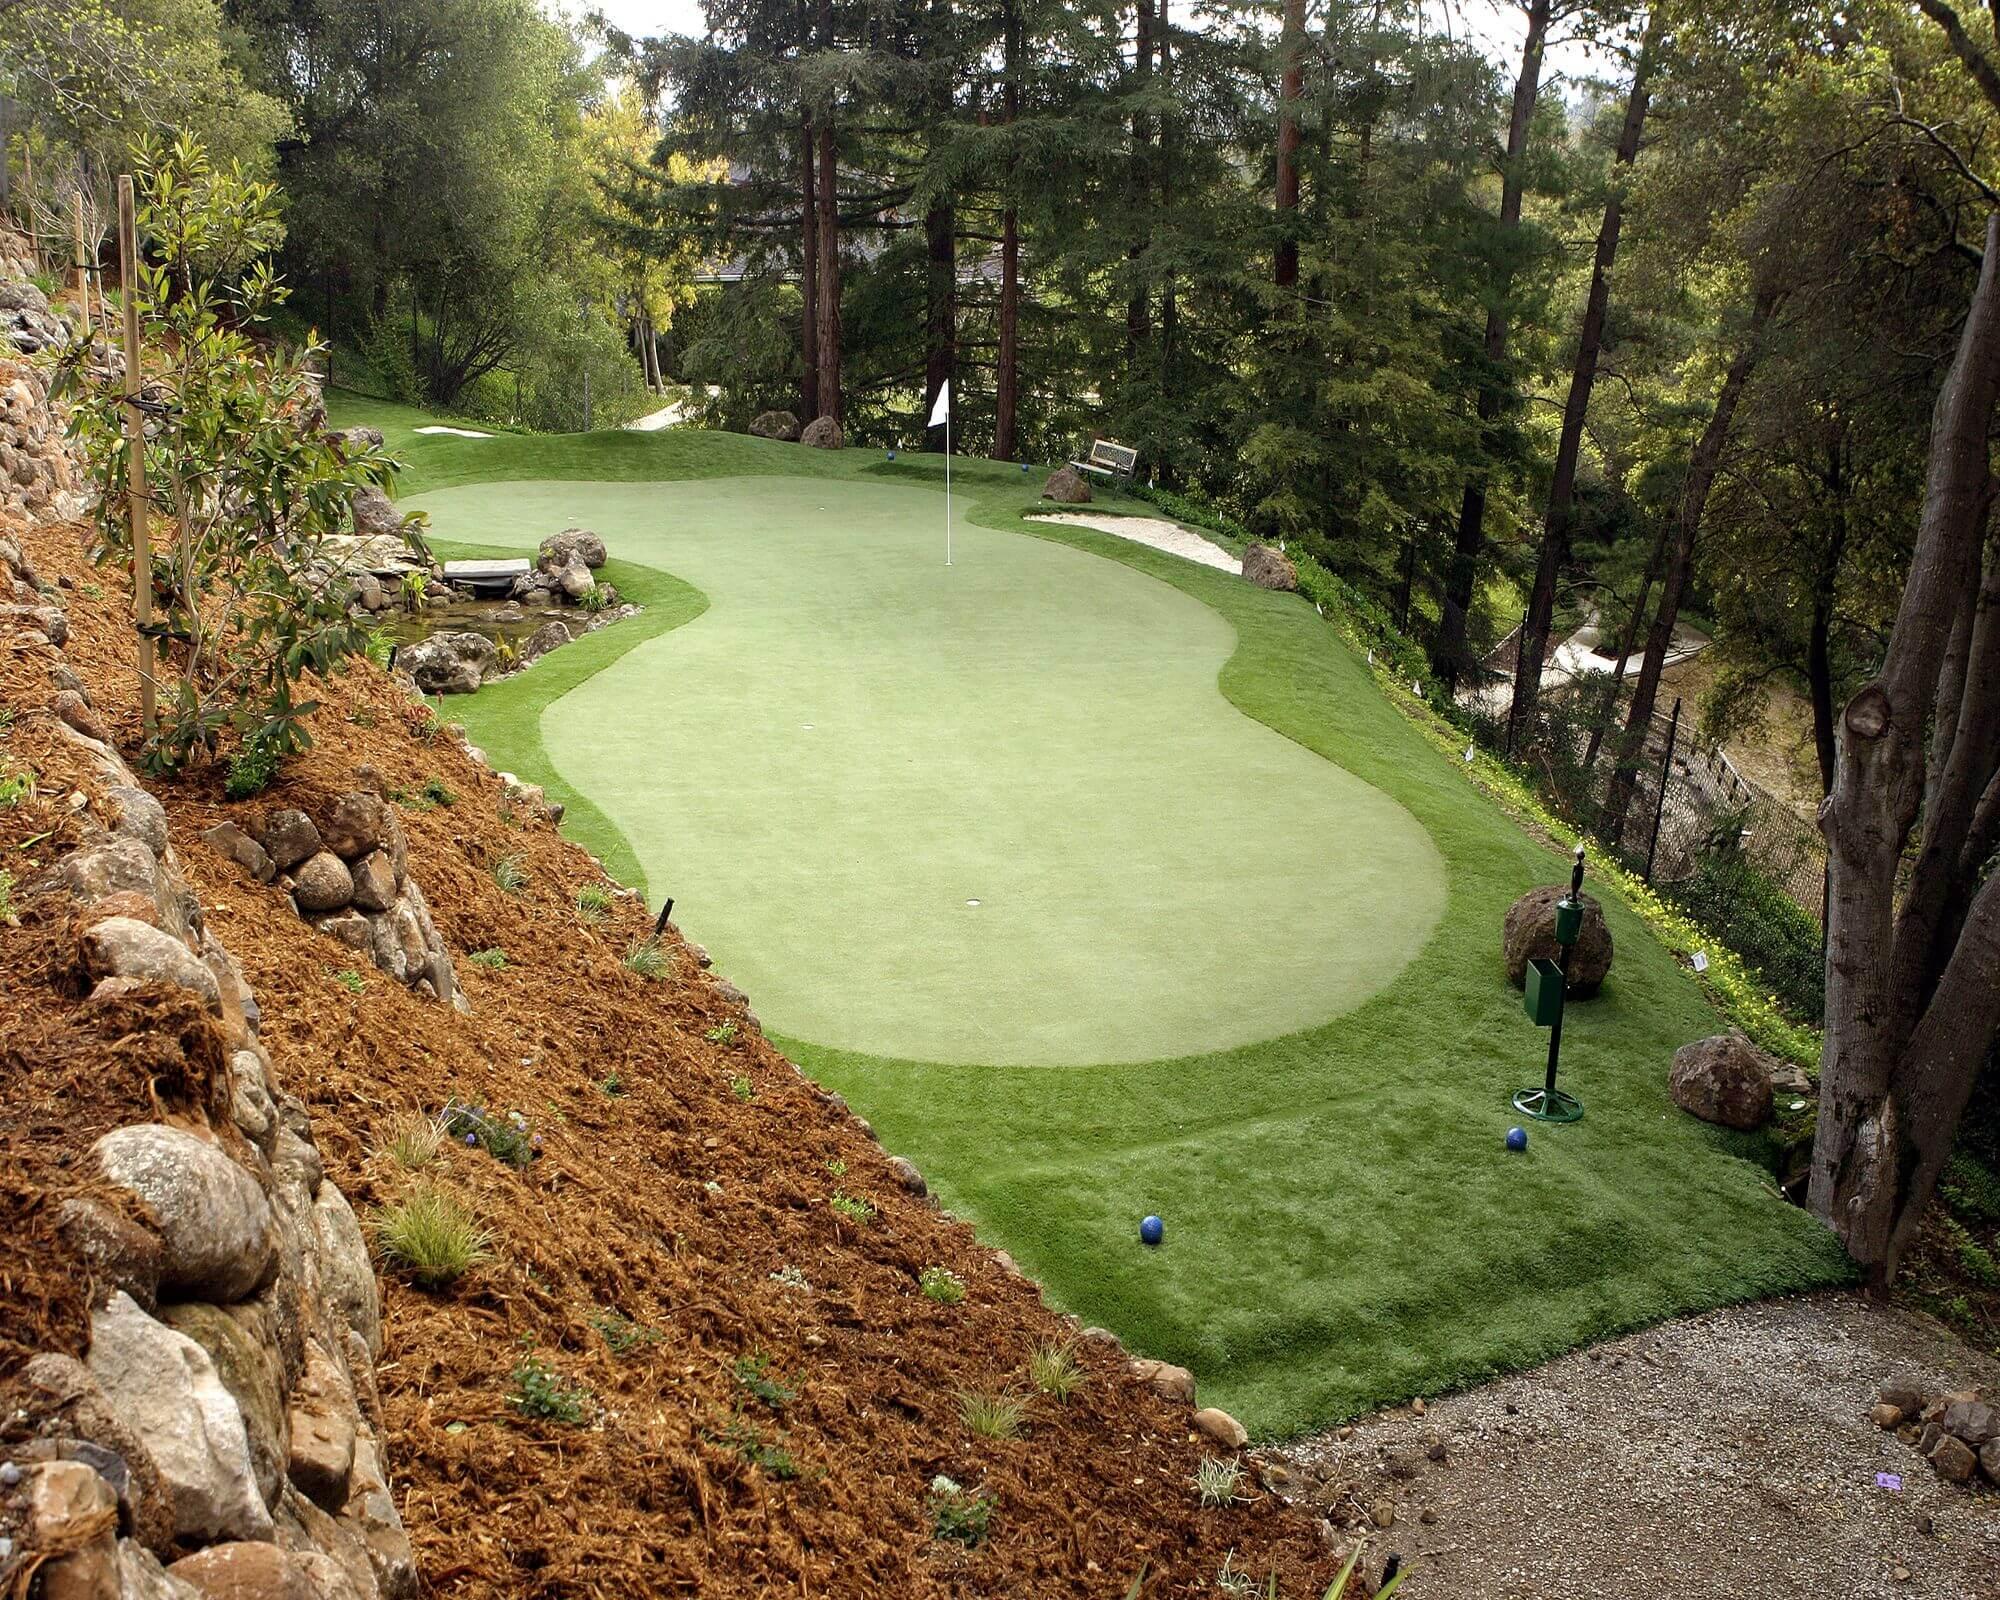 Golf on hillside